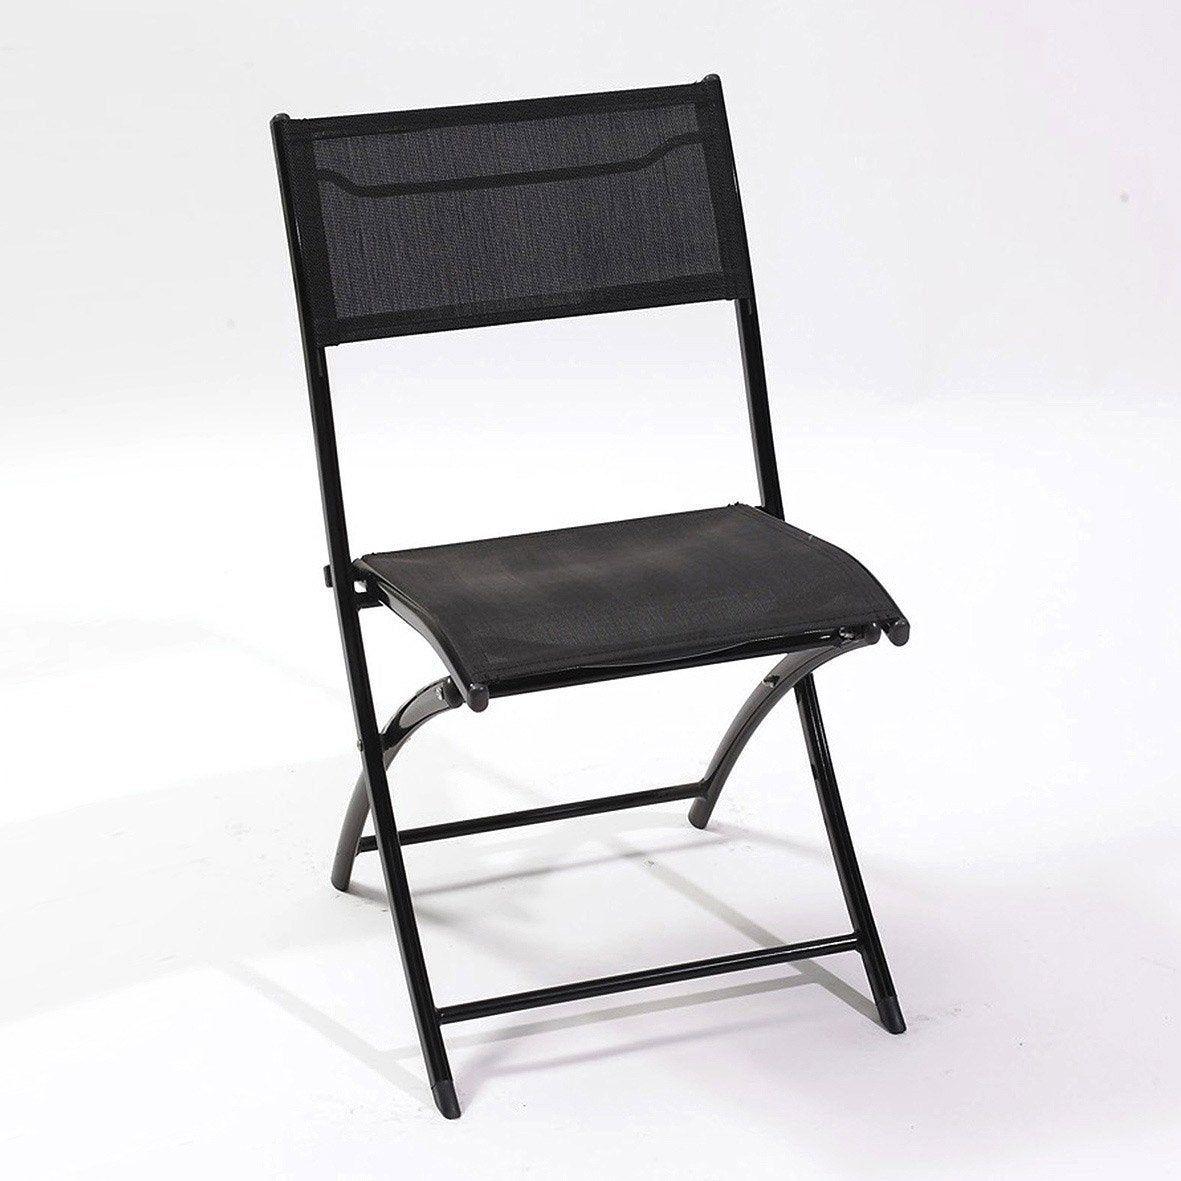 Chaise De Jardin En Aluminium Noir Chaise De Jardin Chaise